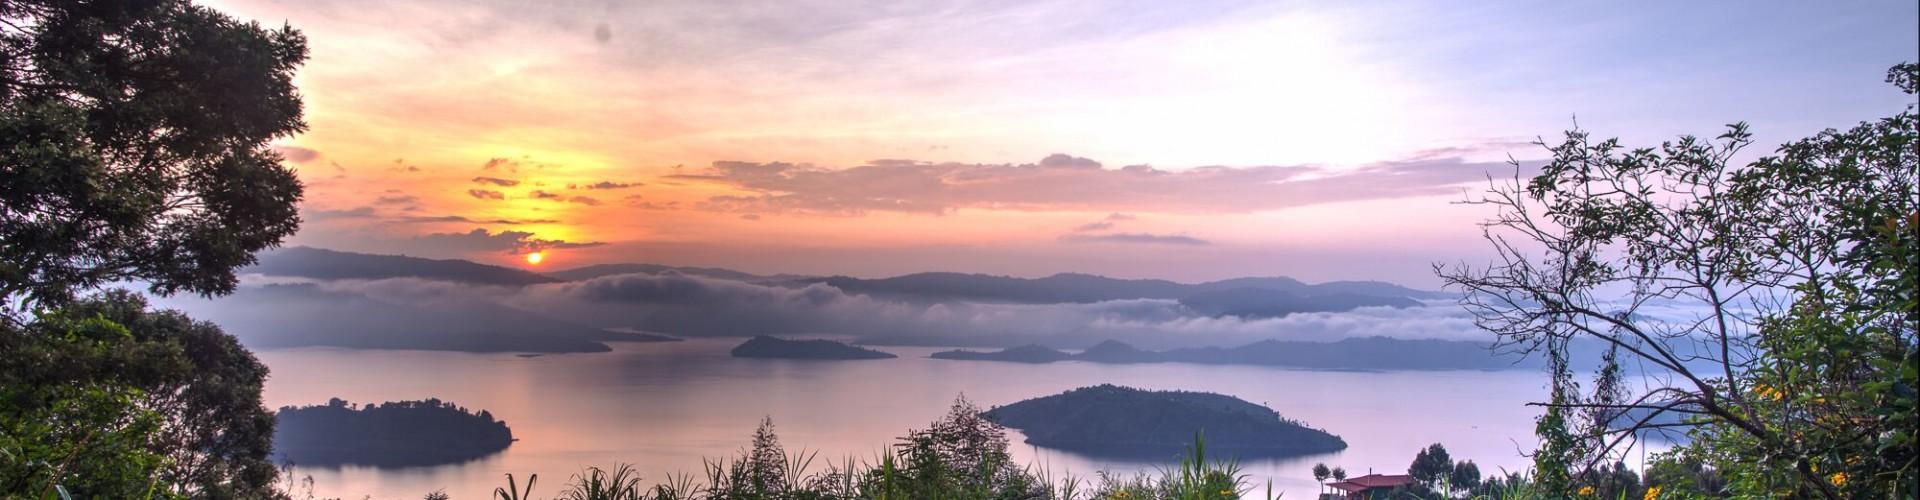 Virunga_sunset panorama